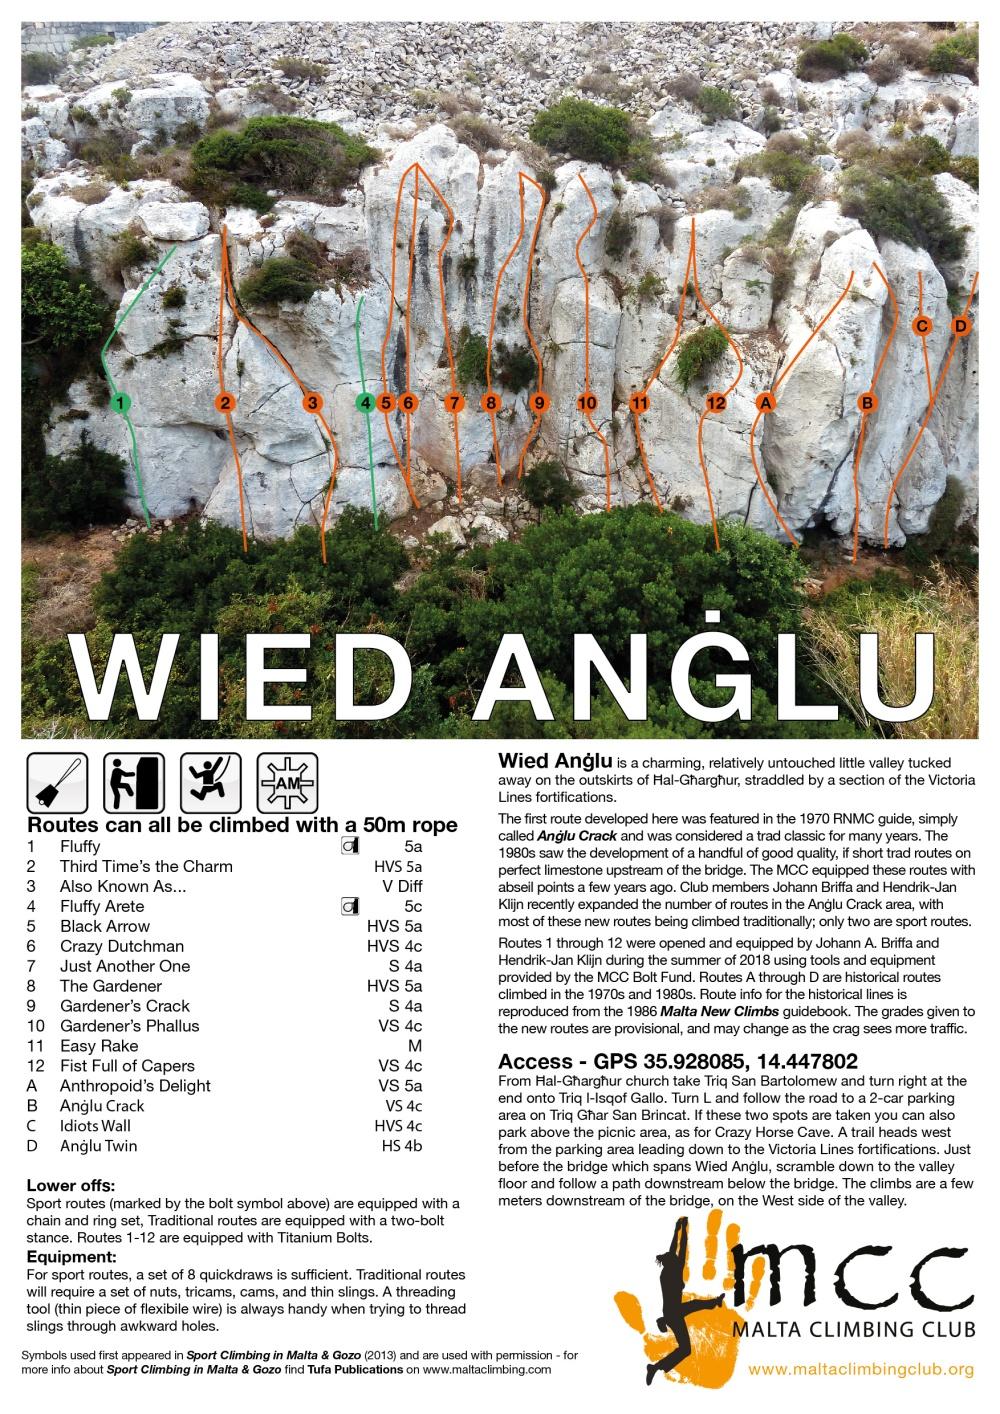 WiedAnġlu_2018_08_28-01